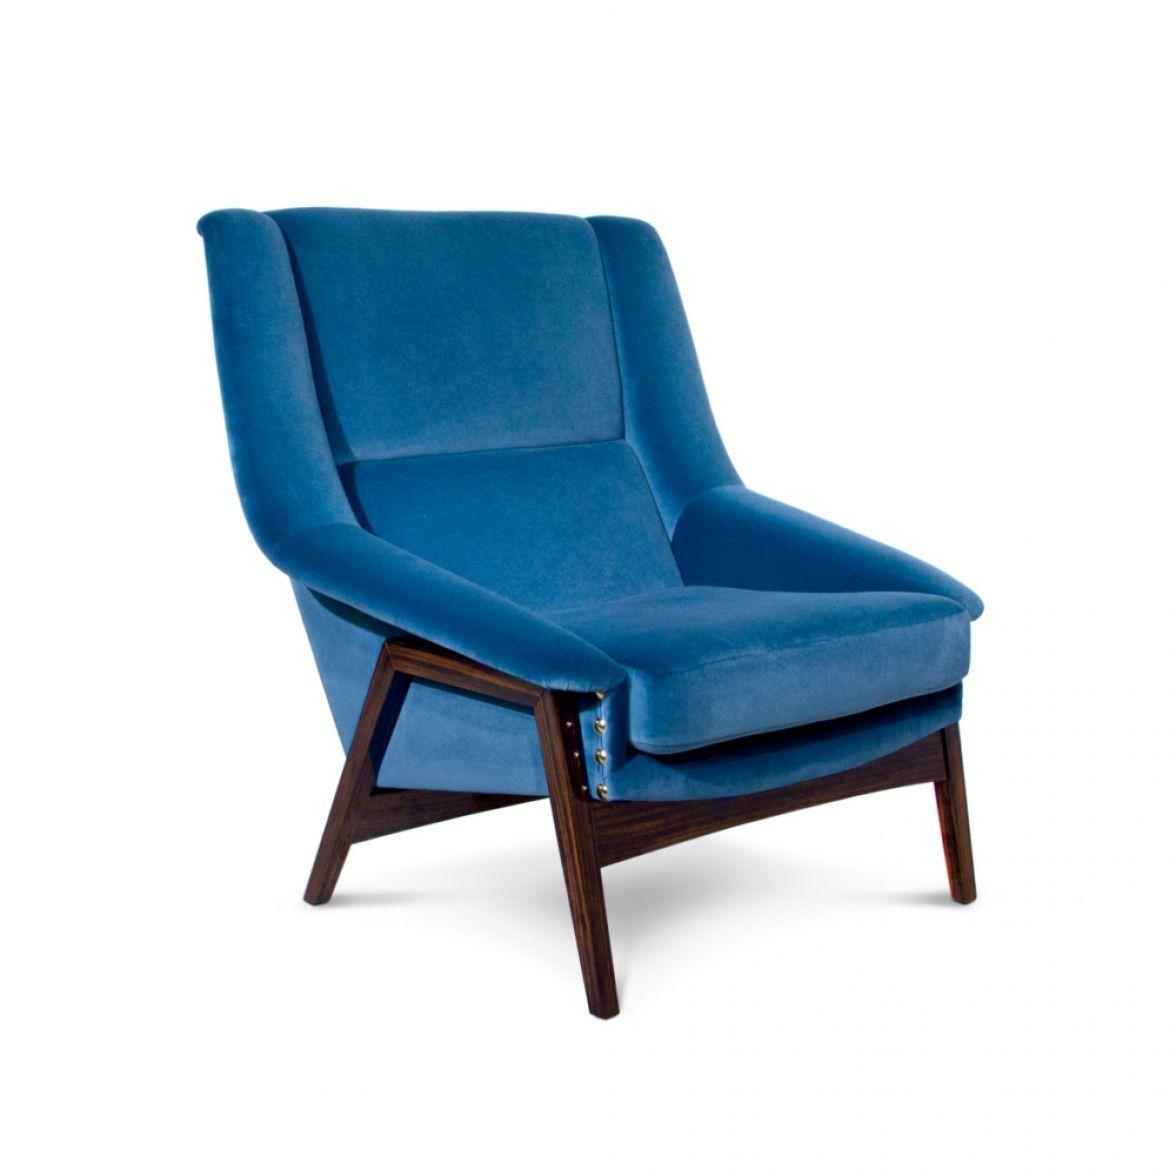 Inca armchair